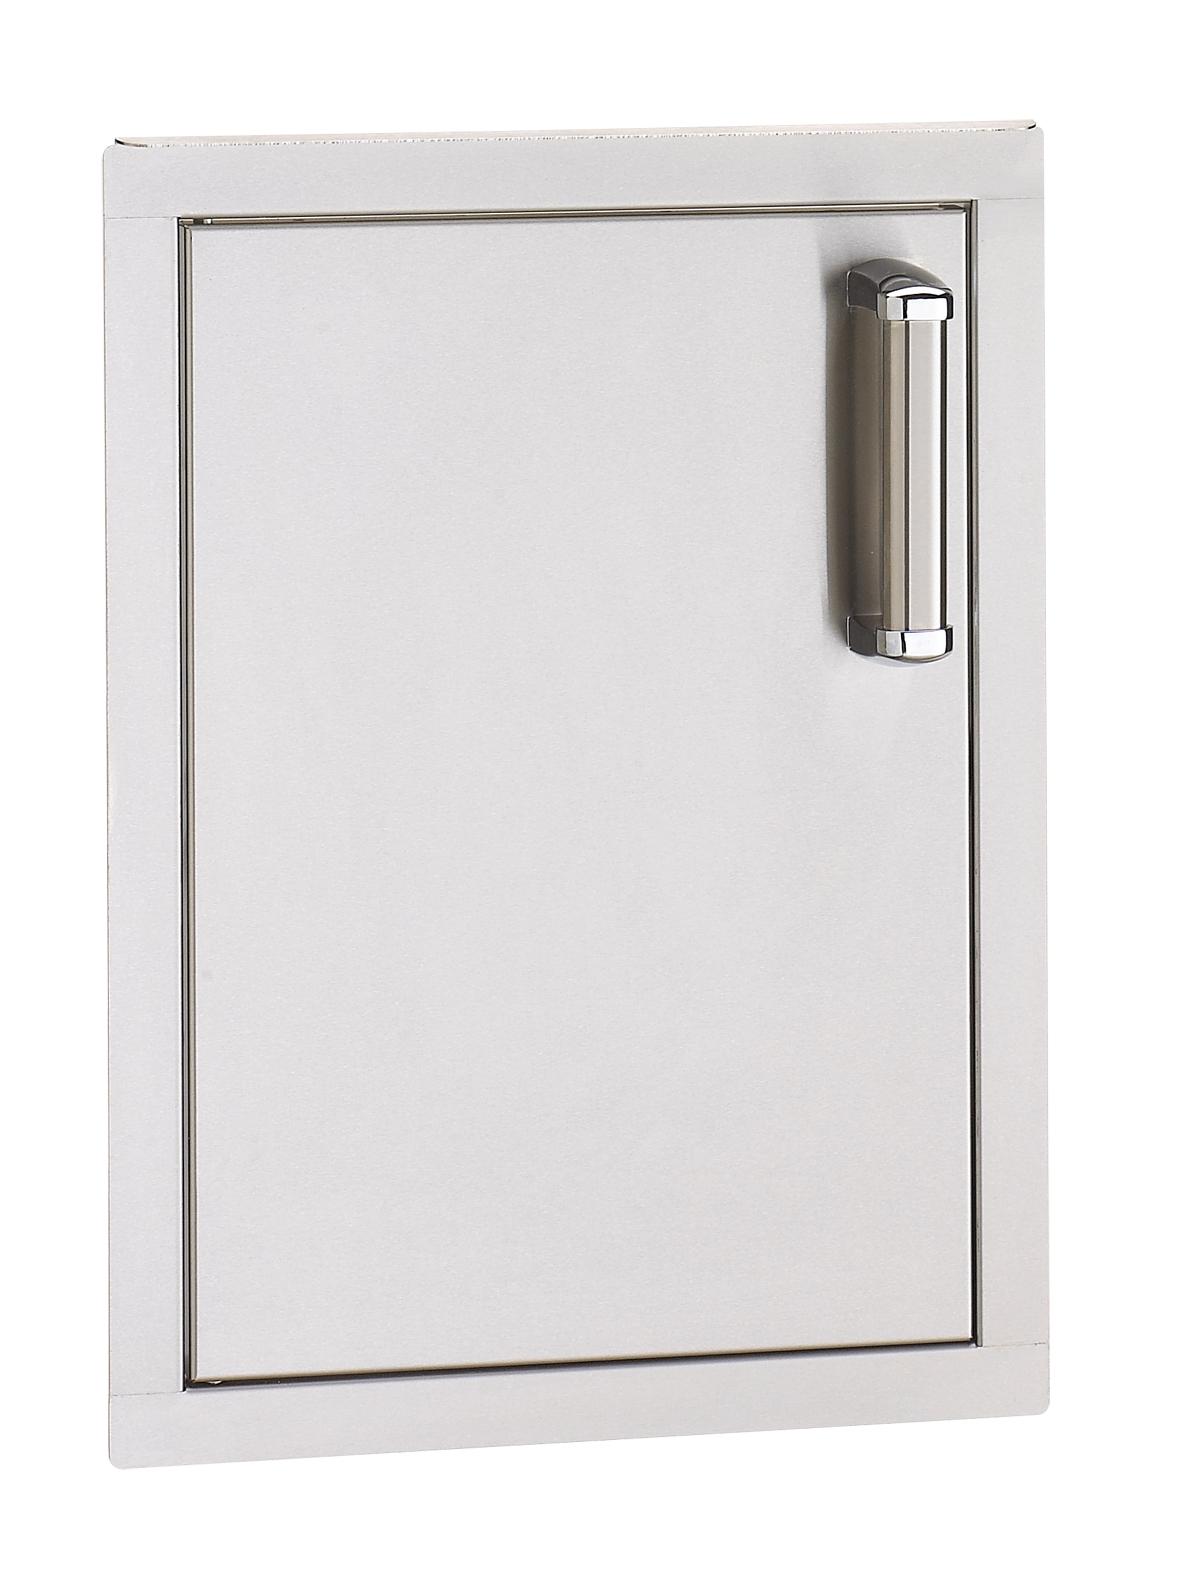 Fire Magic - Outdoorküche - Einzeltür 20'' vertikal mit Scharnier links